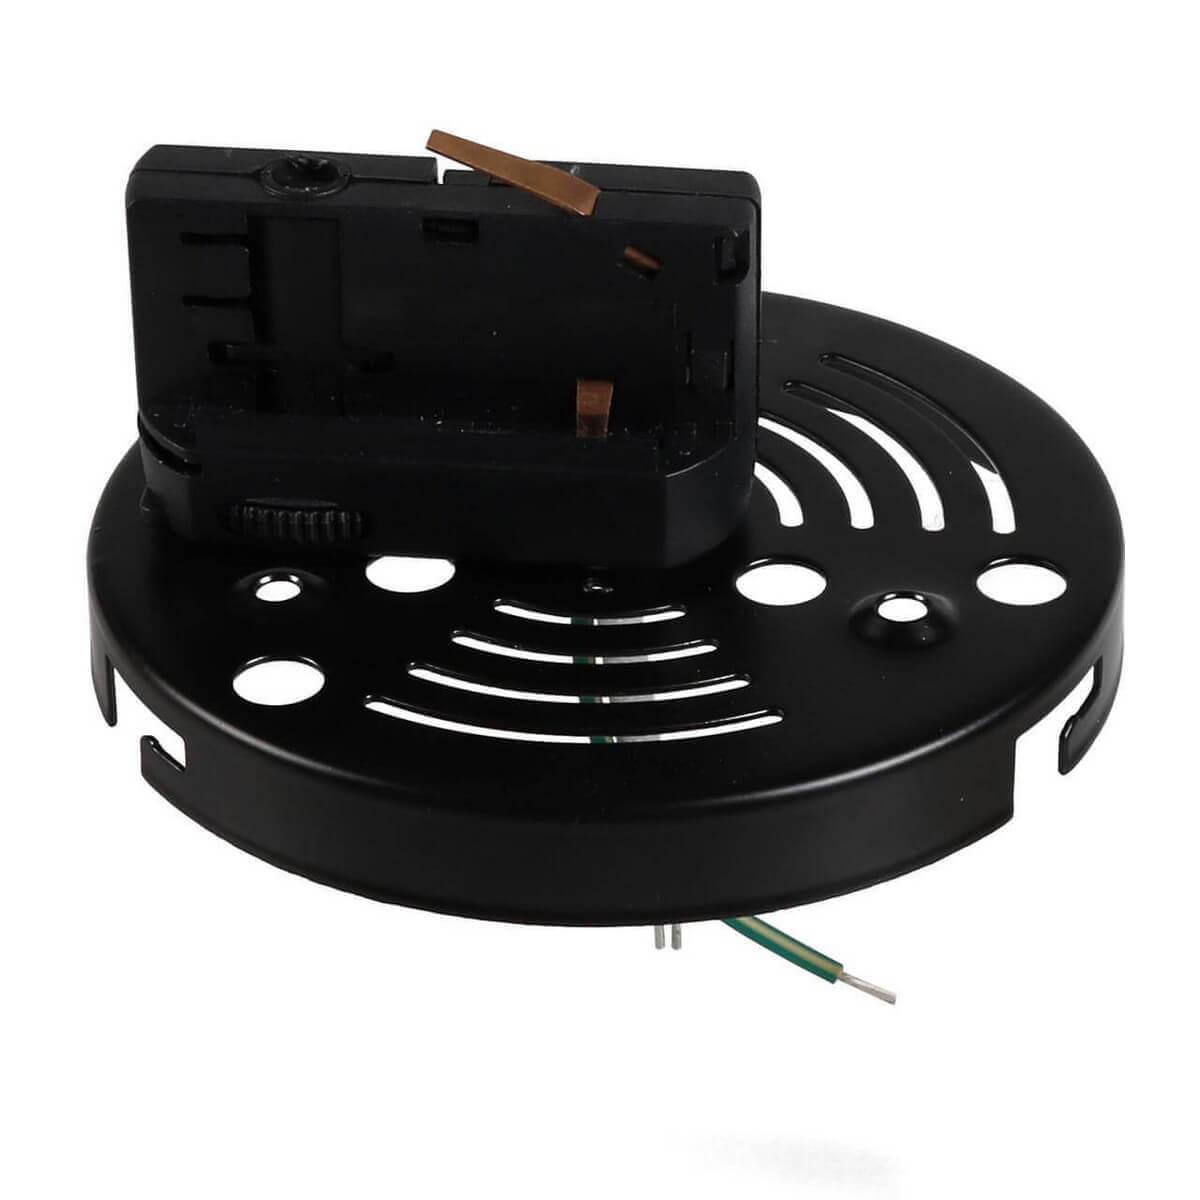 Адаптер для шинопровода Lightstar 594067 Asta (для трехфазного шинопровода)